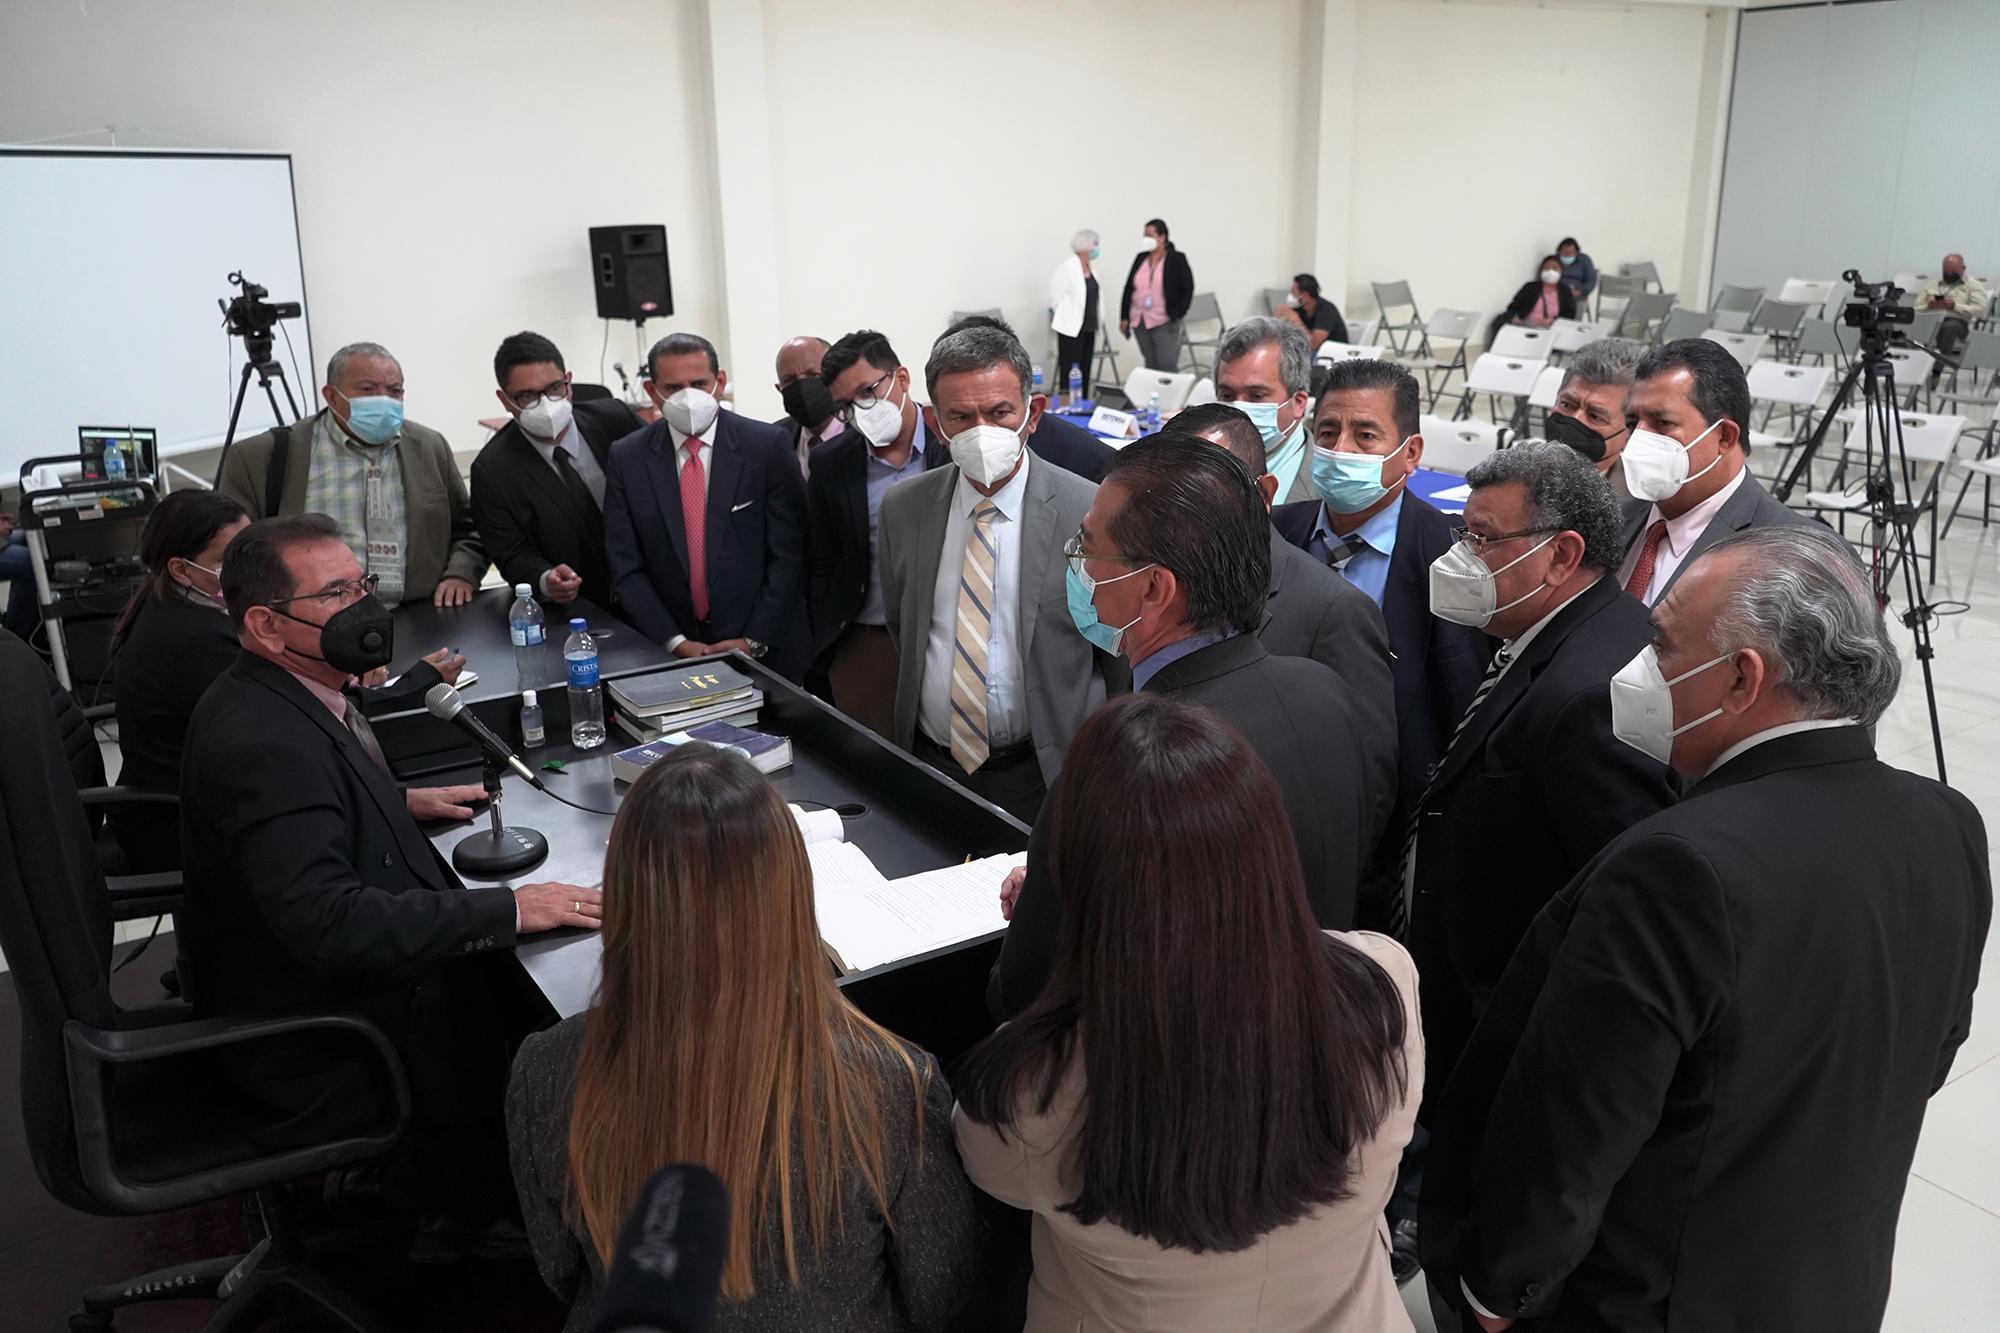 Las partes técnicas sobre el caso El Mozote, discuten durante el tercer día de audiencias. En un solo día, las partes realizaron el interrogatorio a la experta estadounidense, Terry karl. Foto de El Faro: Víctor Peña.